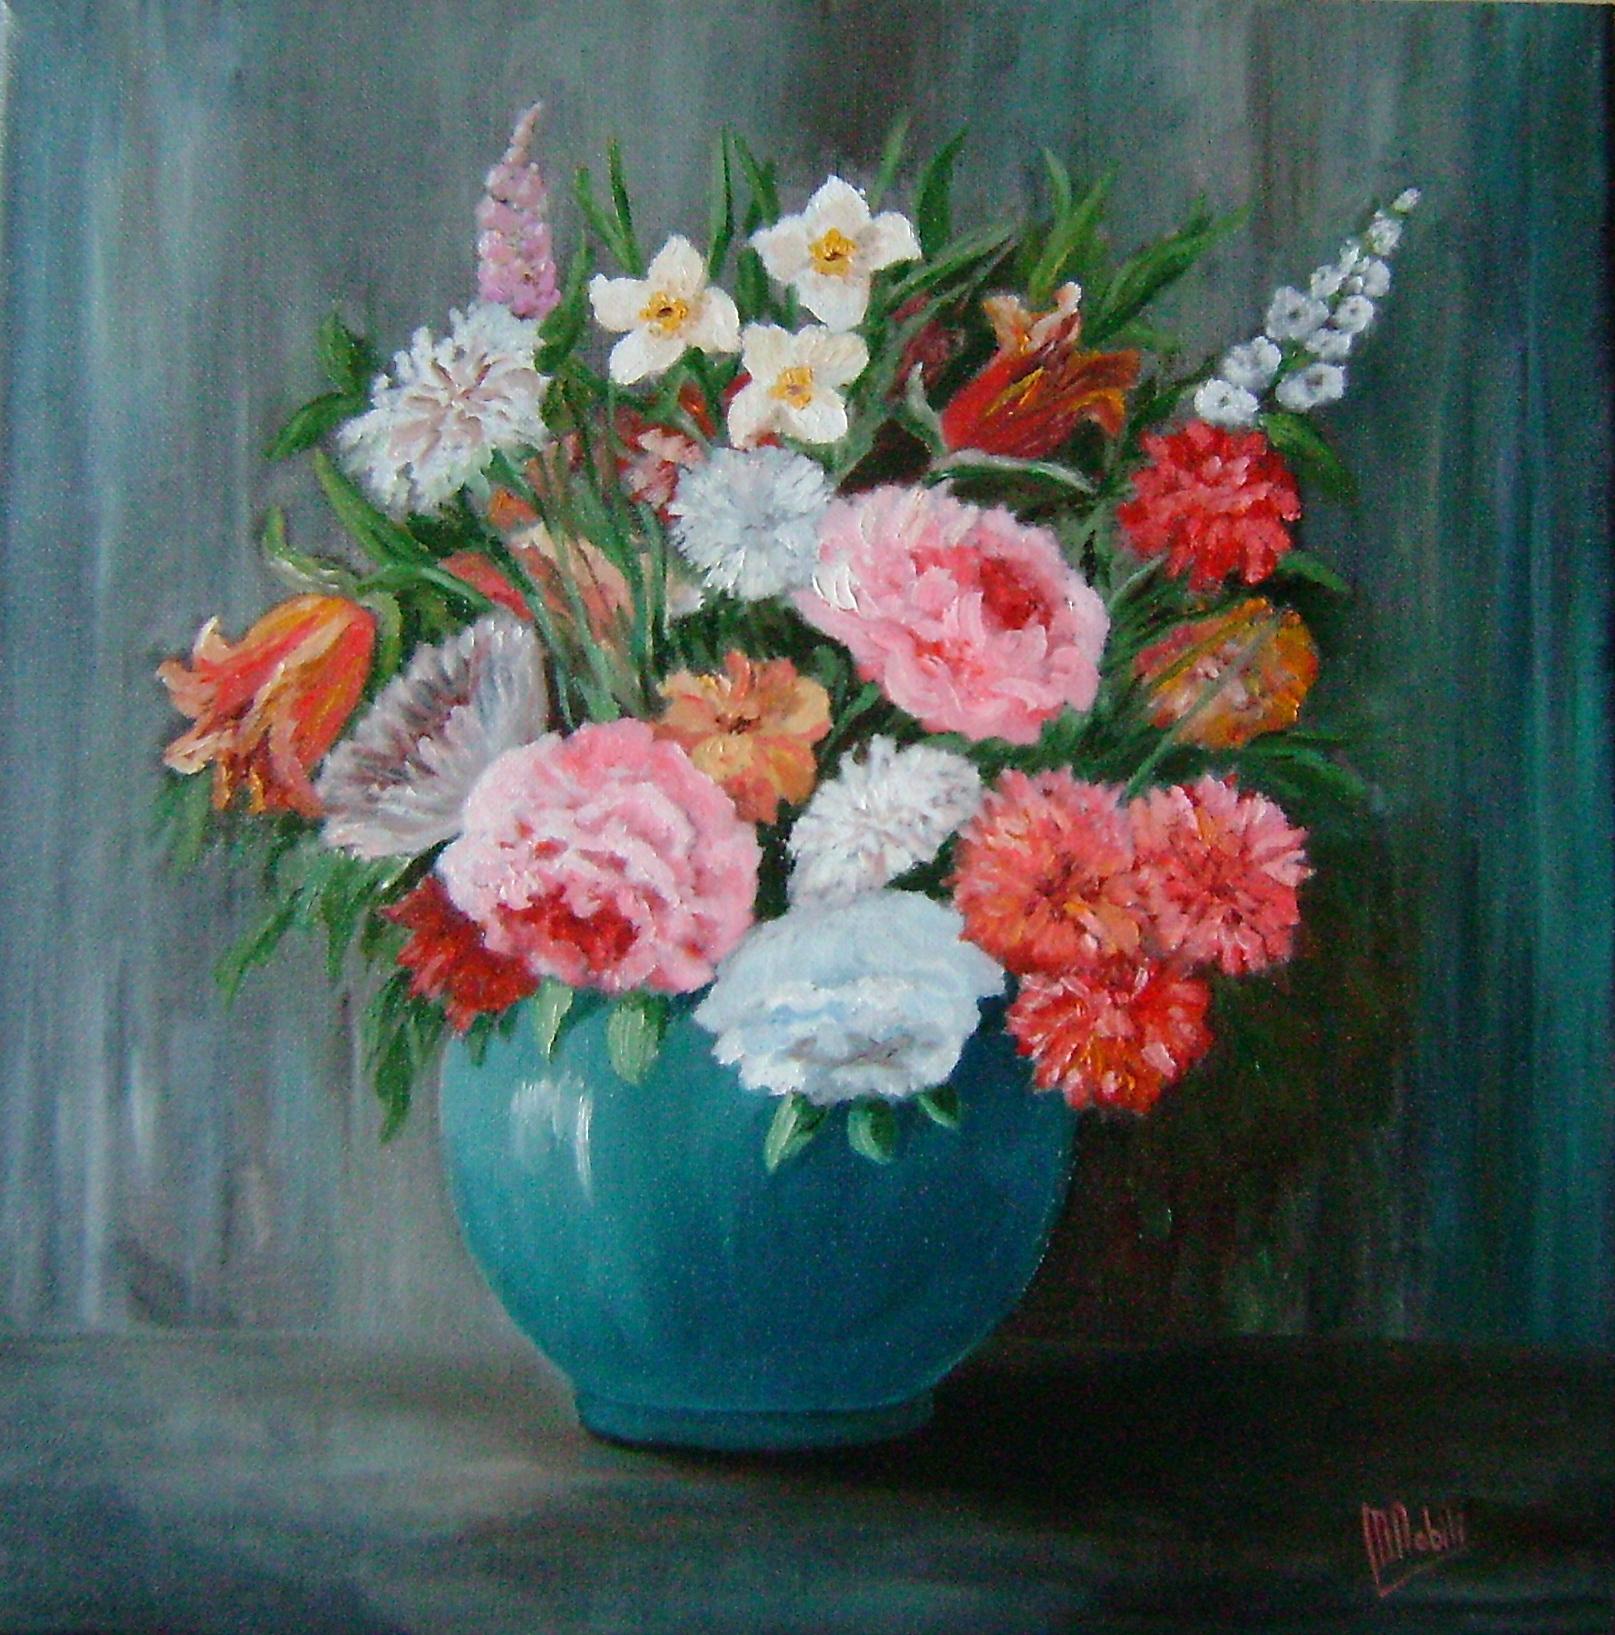 Vaso con fiori maria nobili opera celeste network for Immagini di fiori dipinti